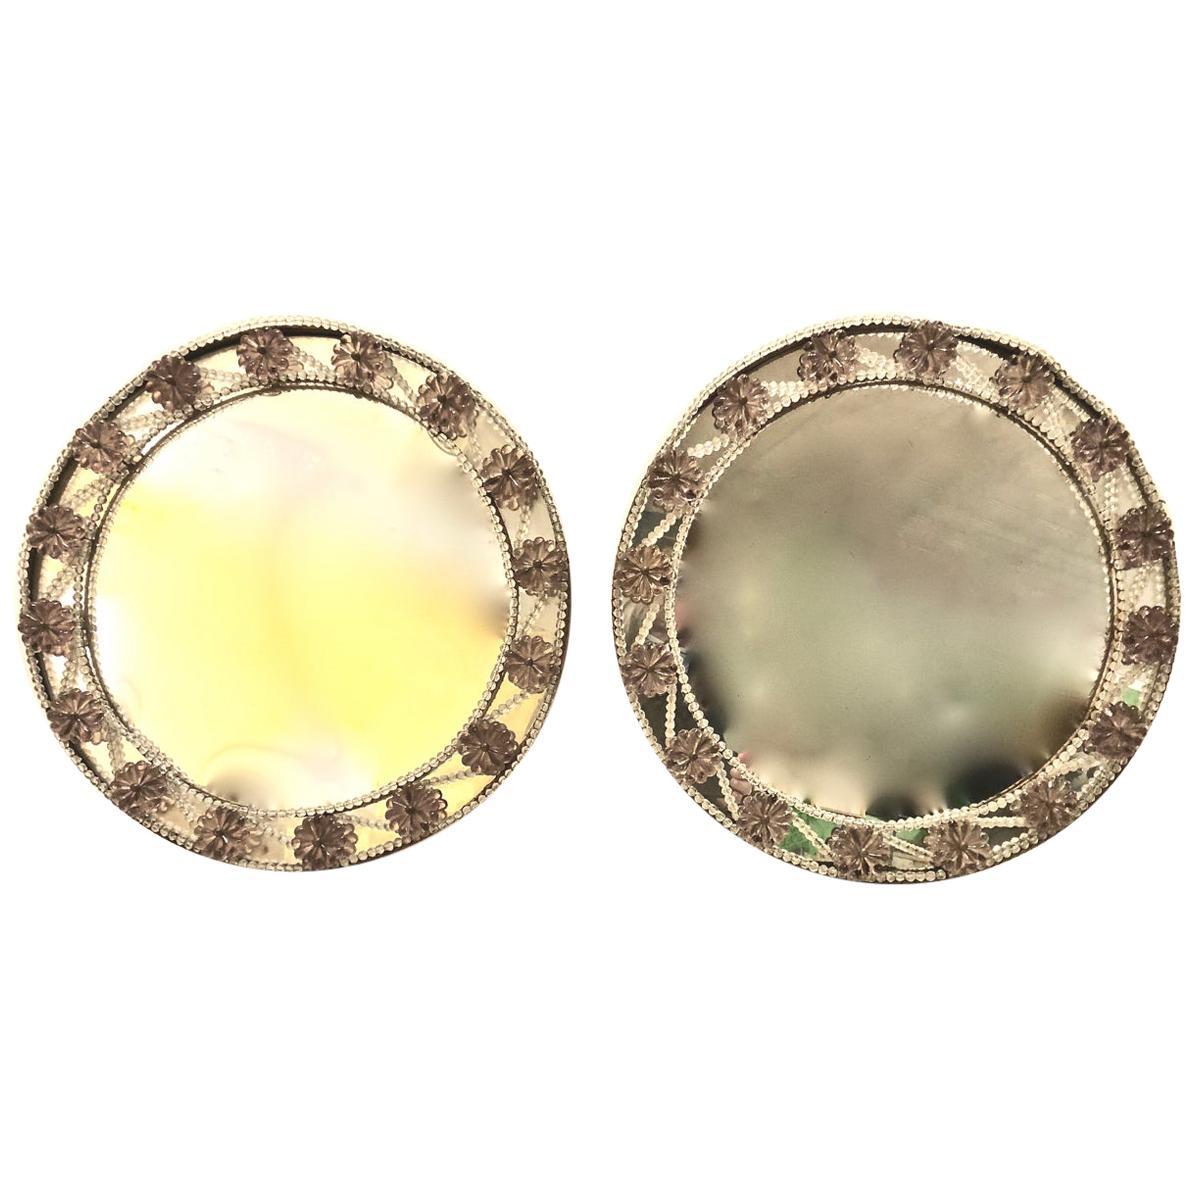 Pair of Murano Mirrors